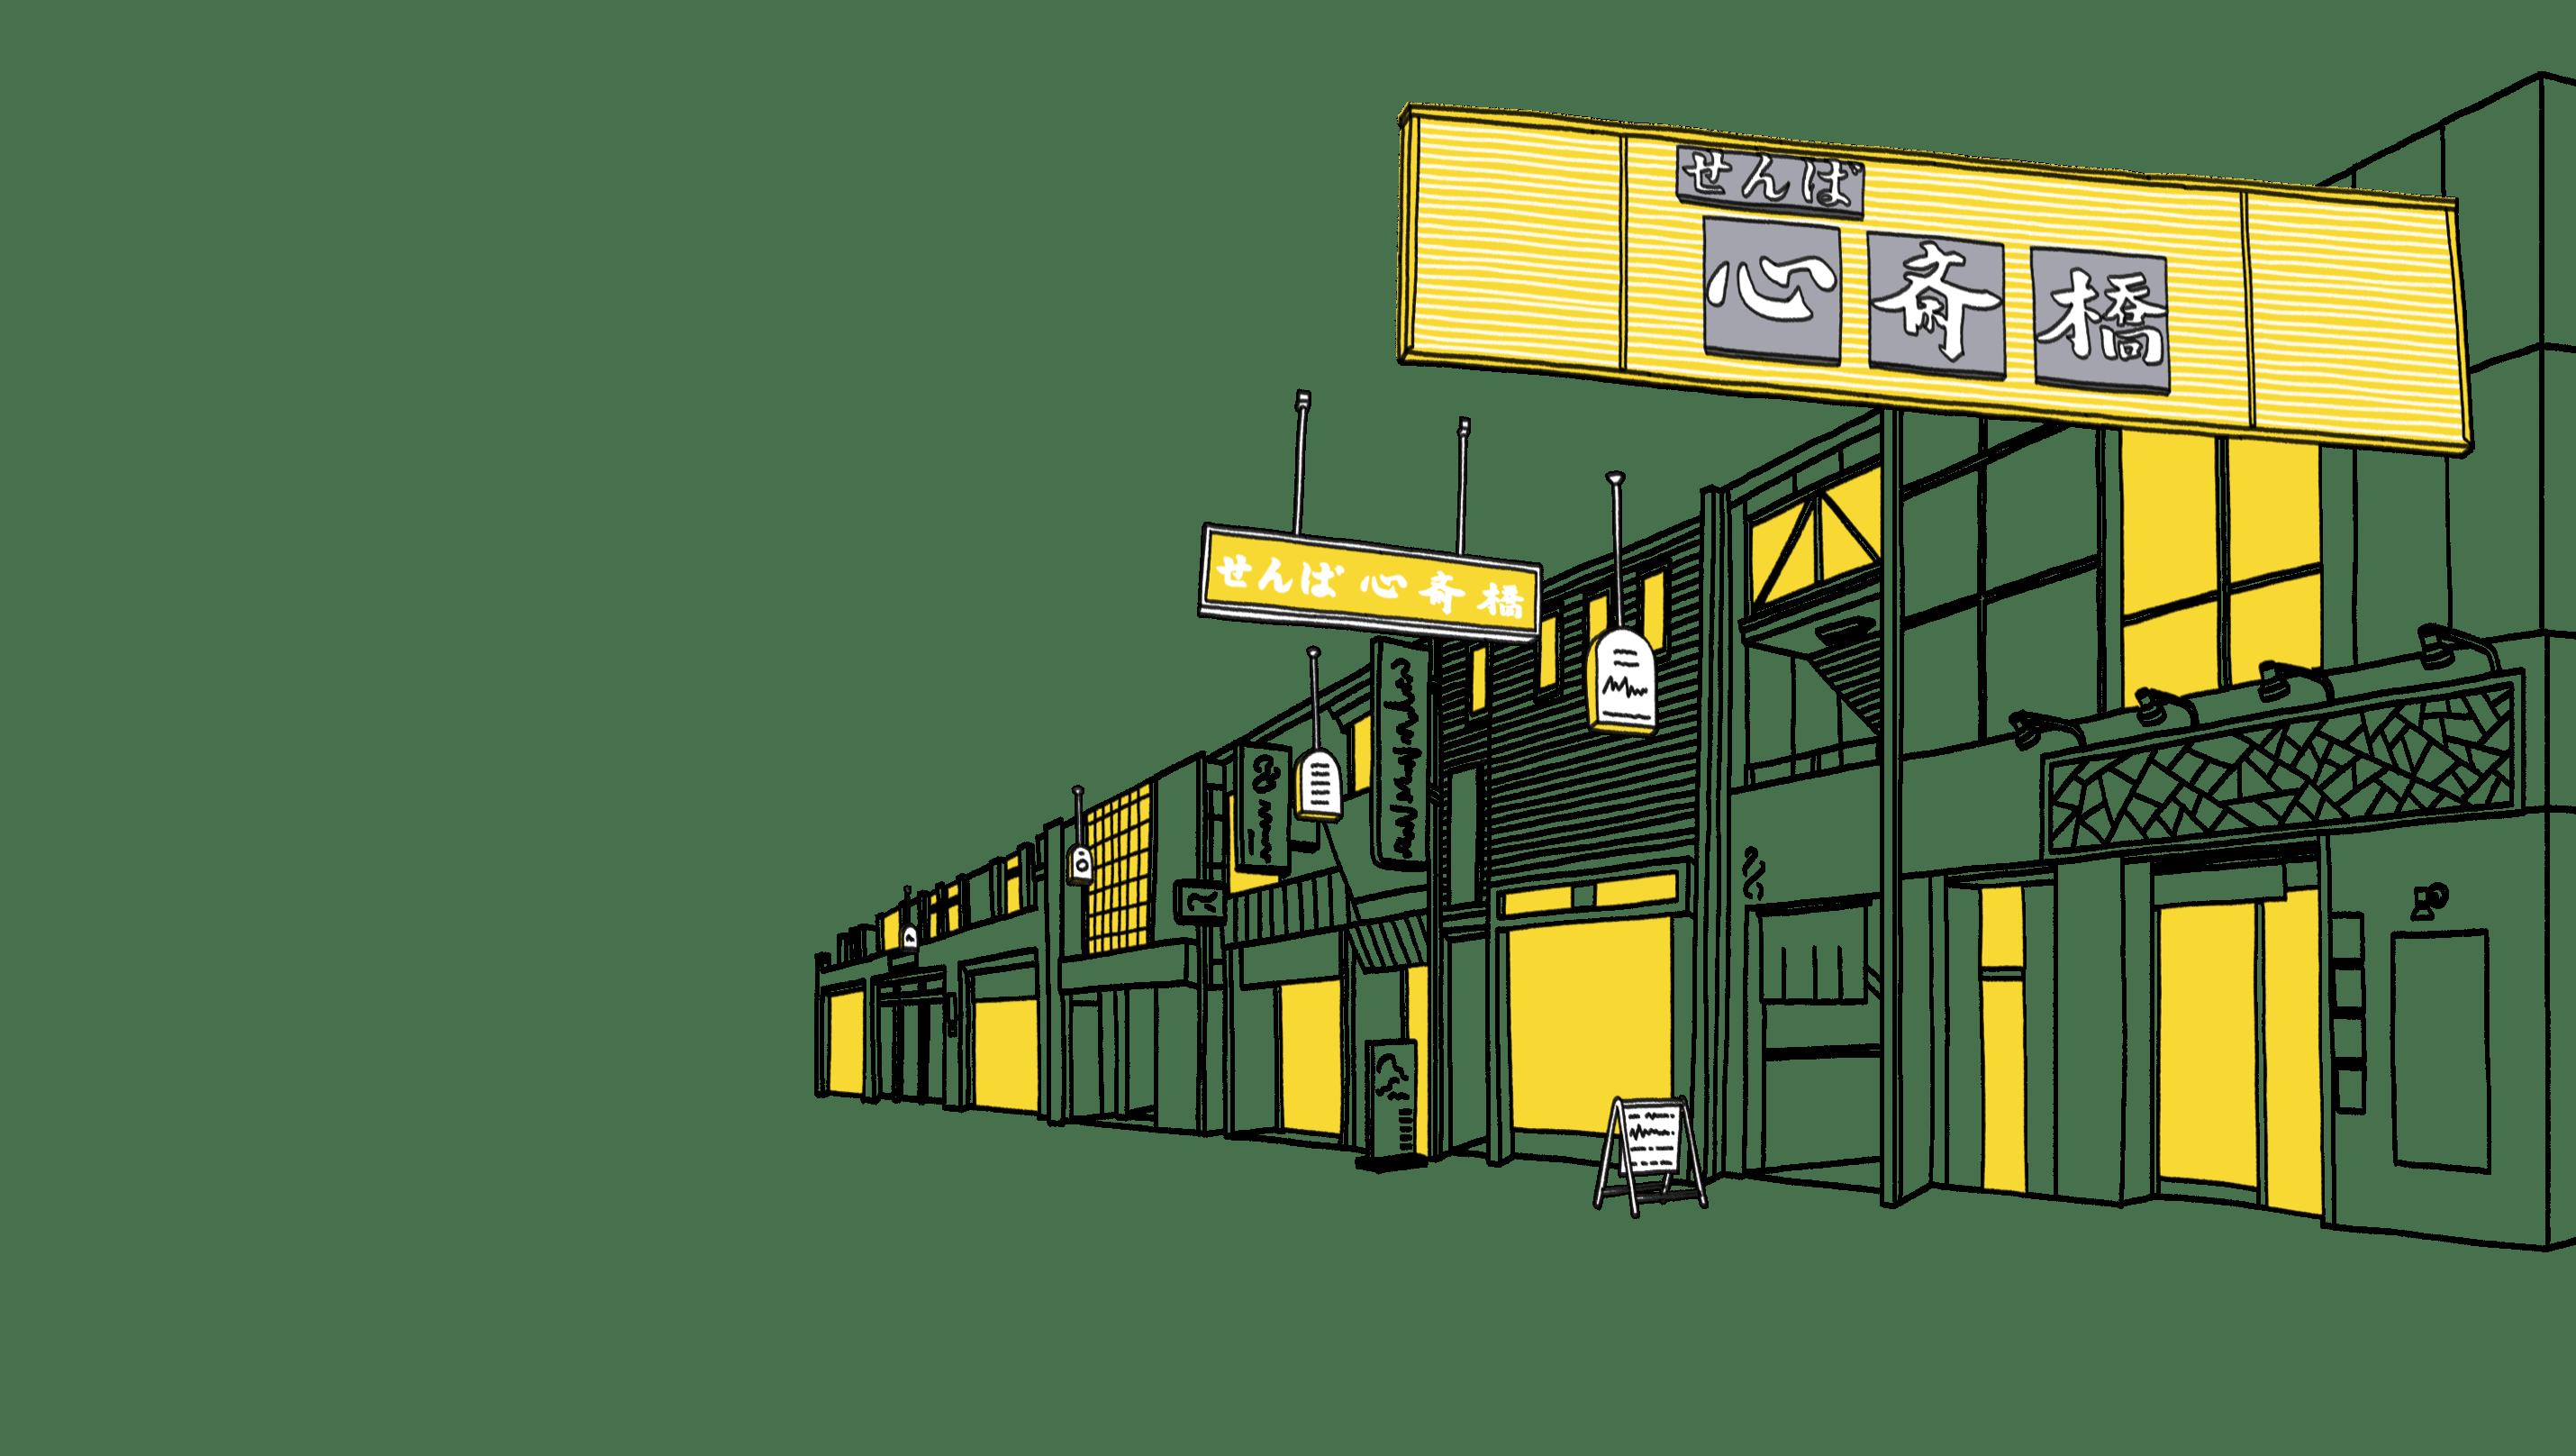 せんば心斎橋筋商店街のイラスト